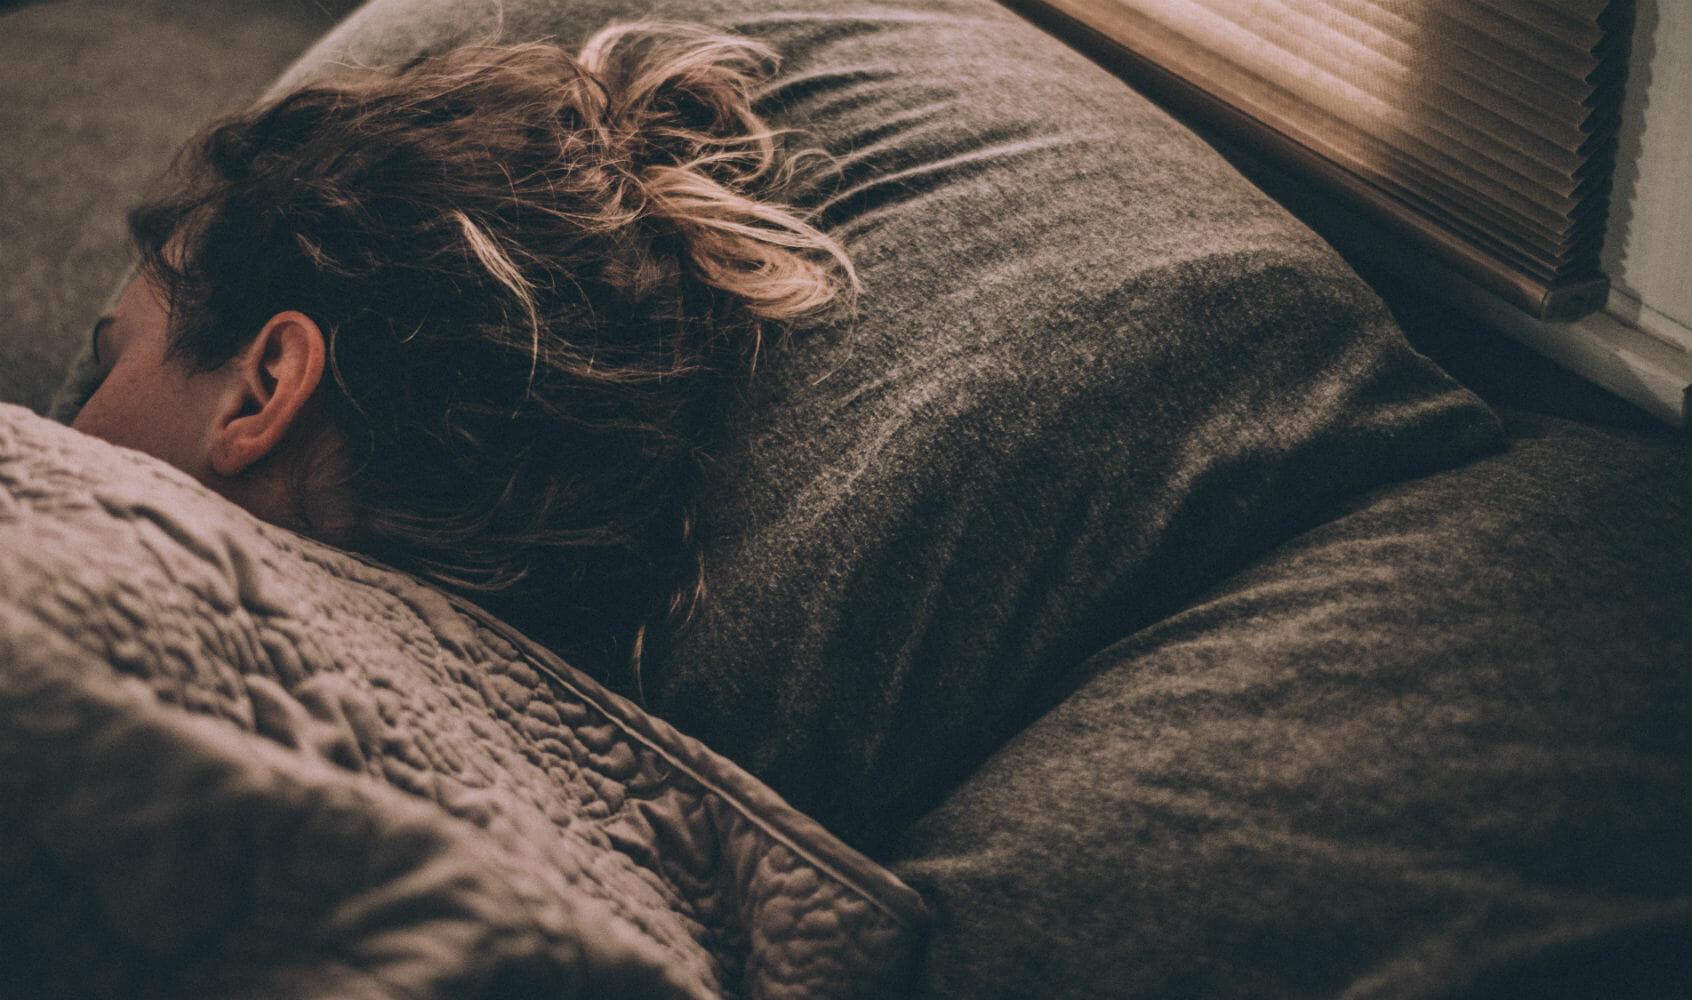 En esta foto vemos a una chica durmiendo plácidamente en su cama